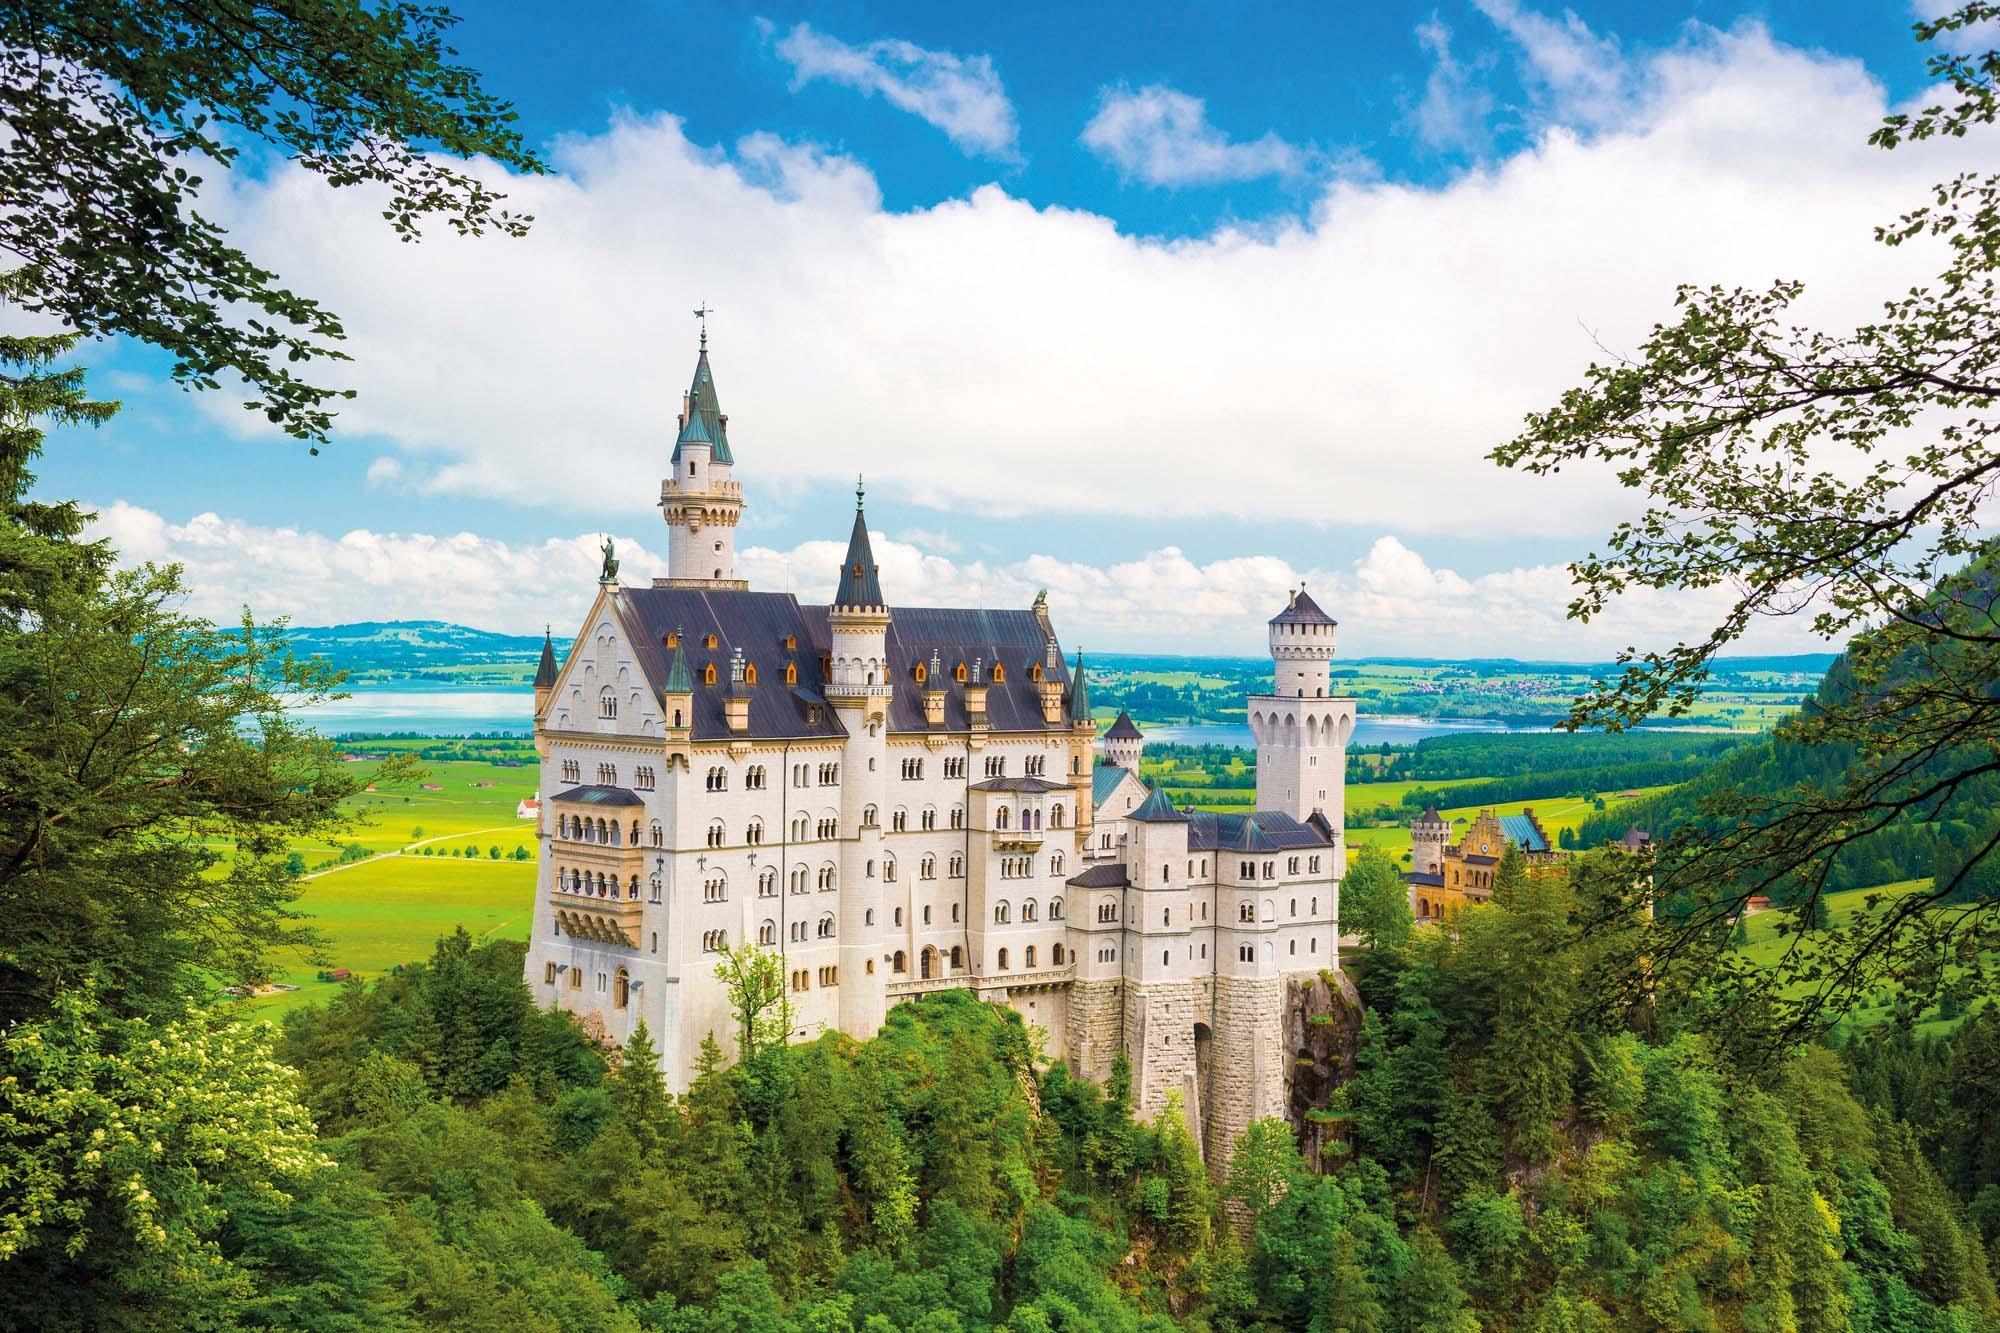 Königsschlösser, Schloss Neuschwanstein